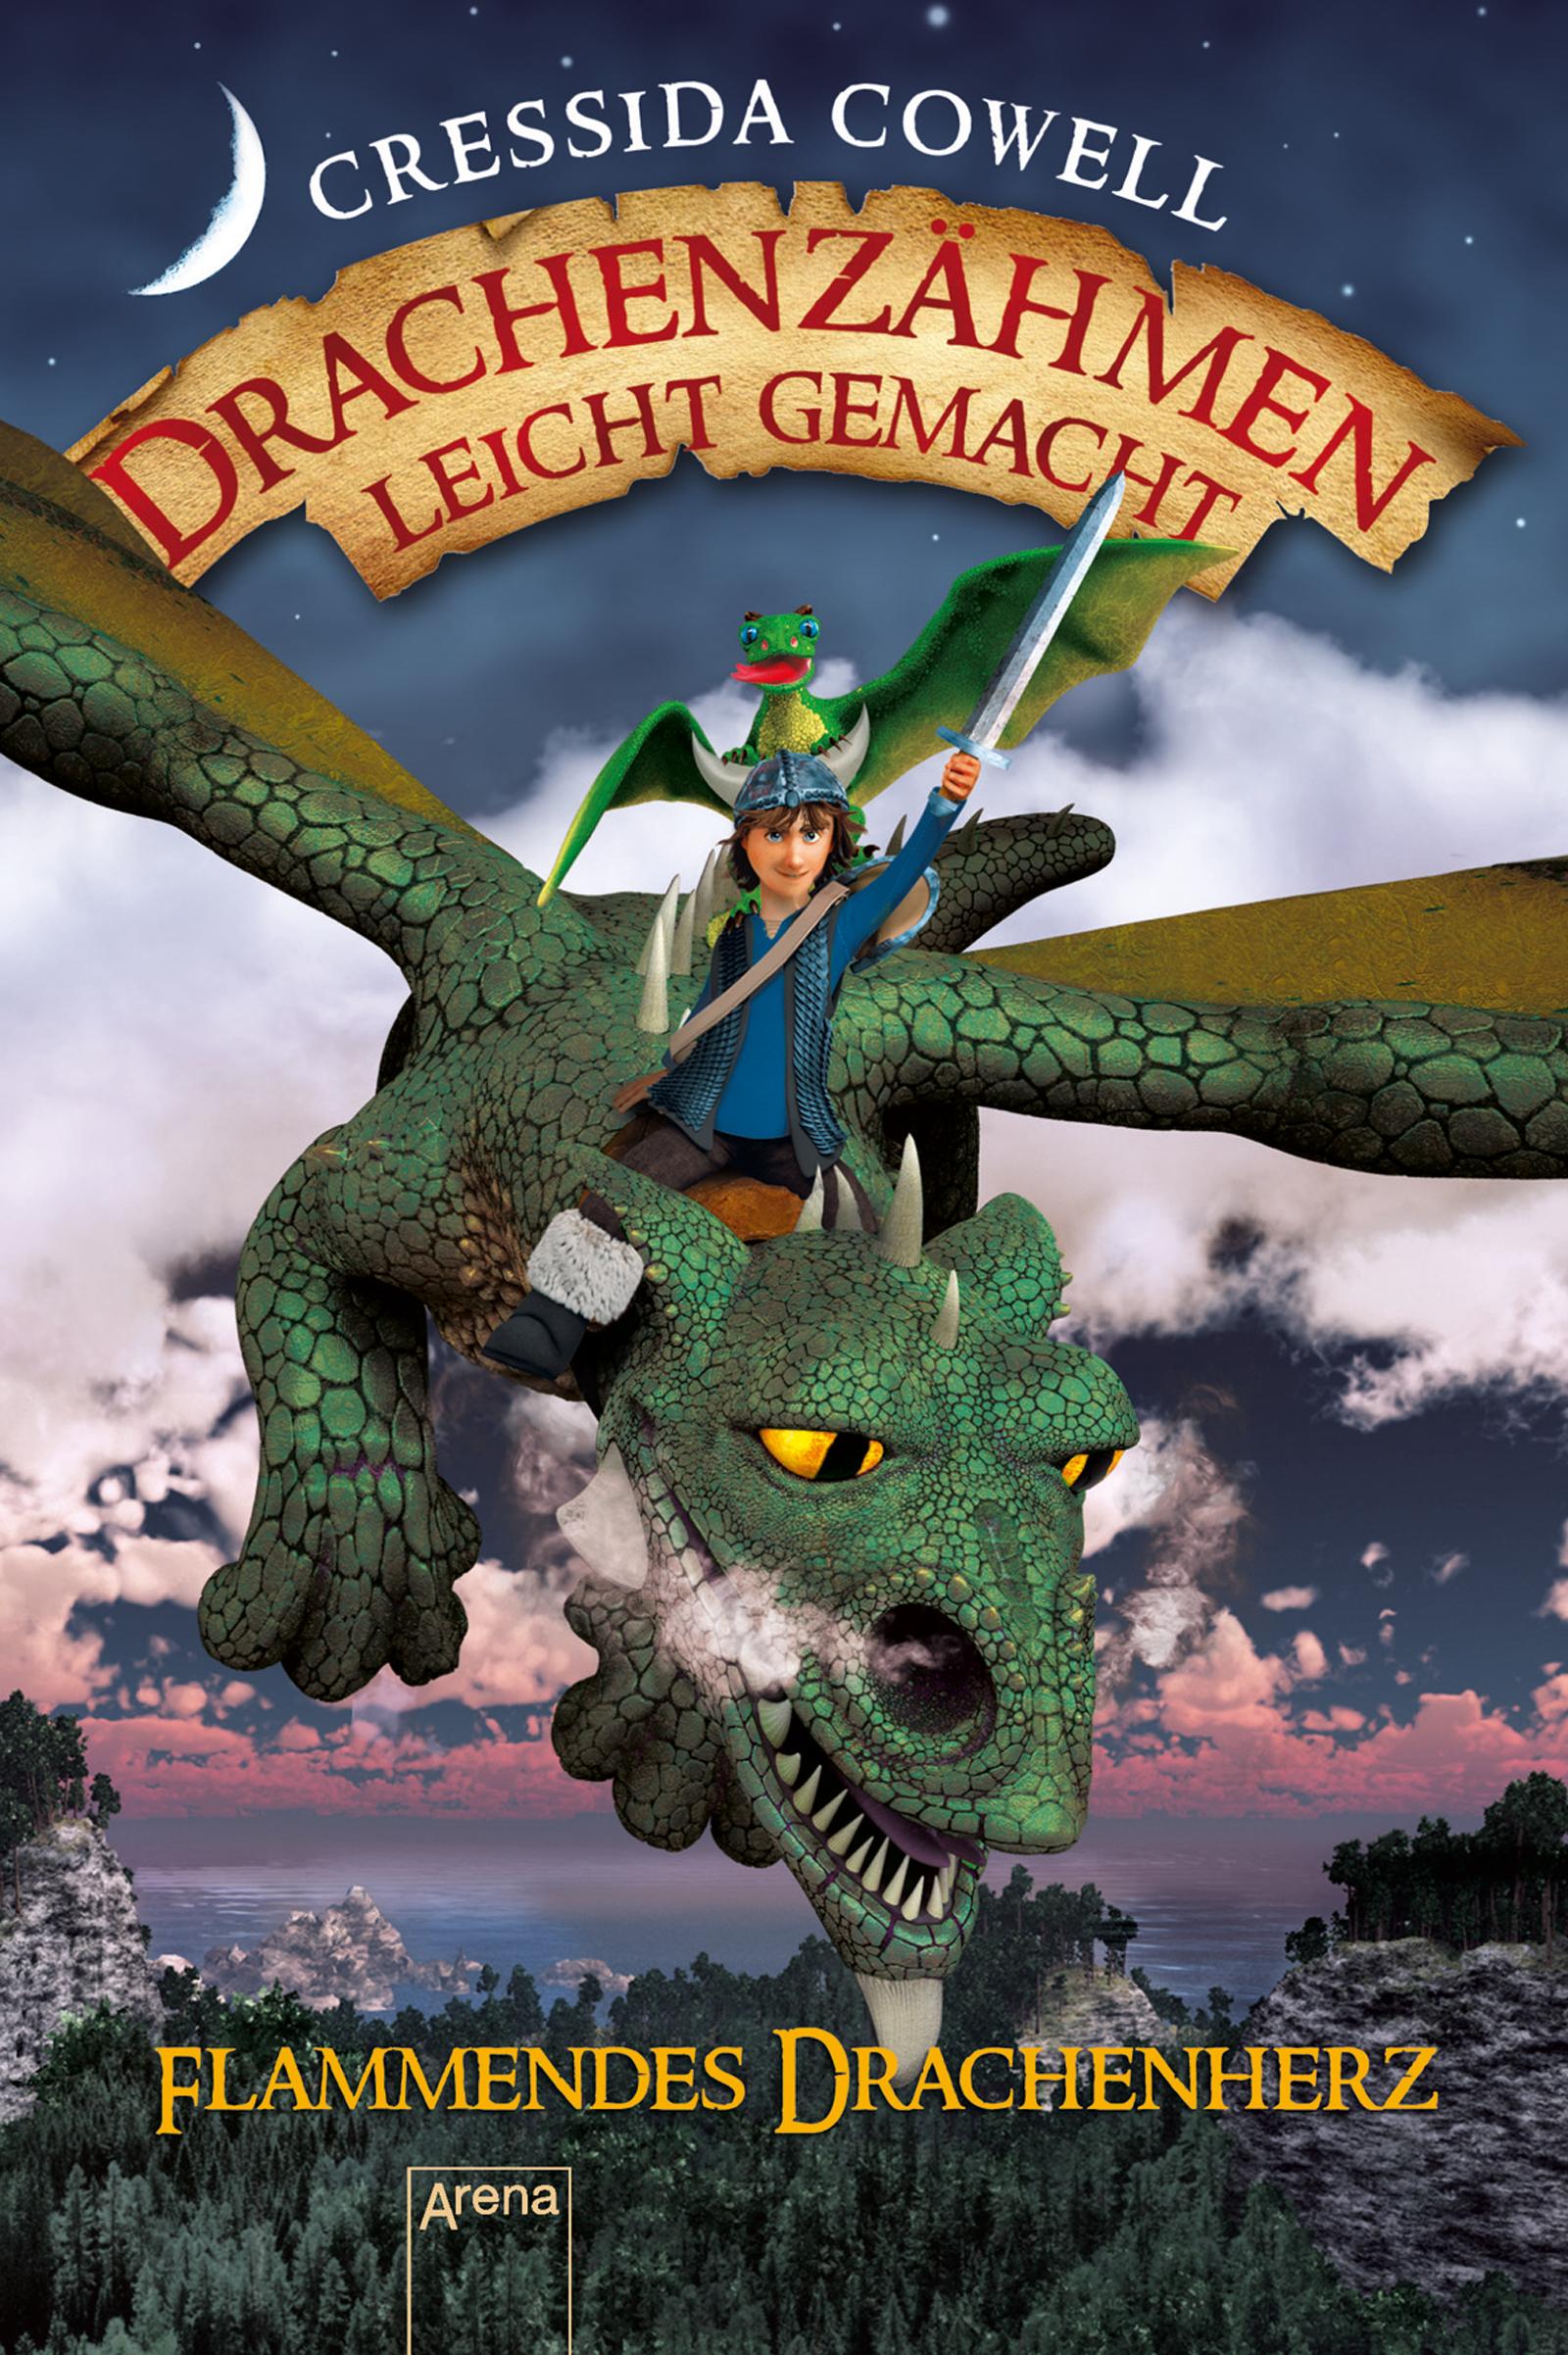 Drachenzähmen leicht gemacht (8). Flammendes Drachenherz | ARENA Verlag